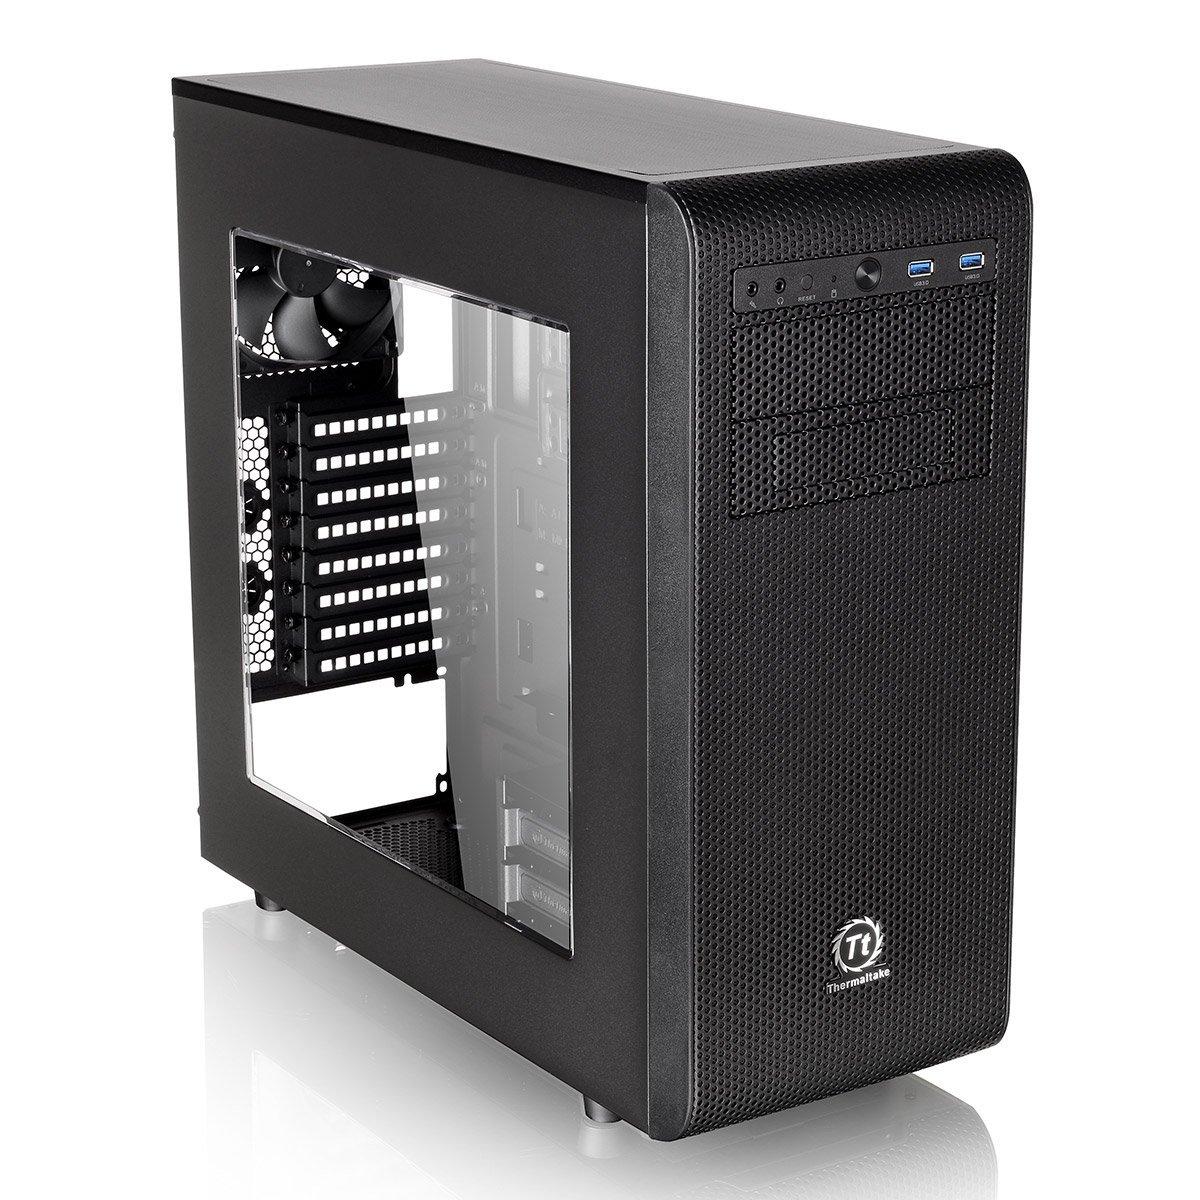 Thermaltake Core V31 PC Gehäuse mit Sichtfenster für 55,06€ (Amazon.it)